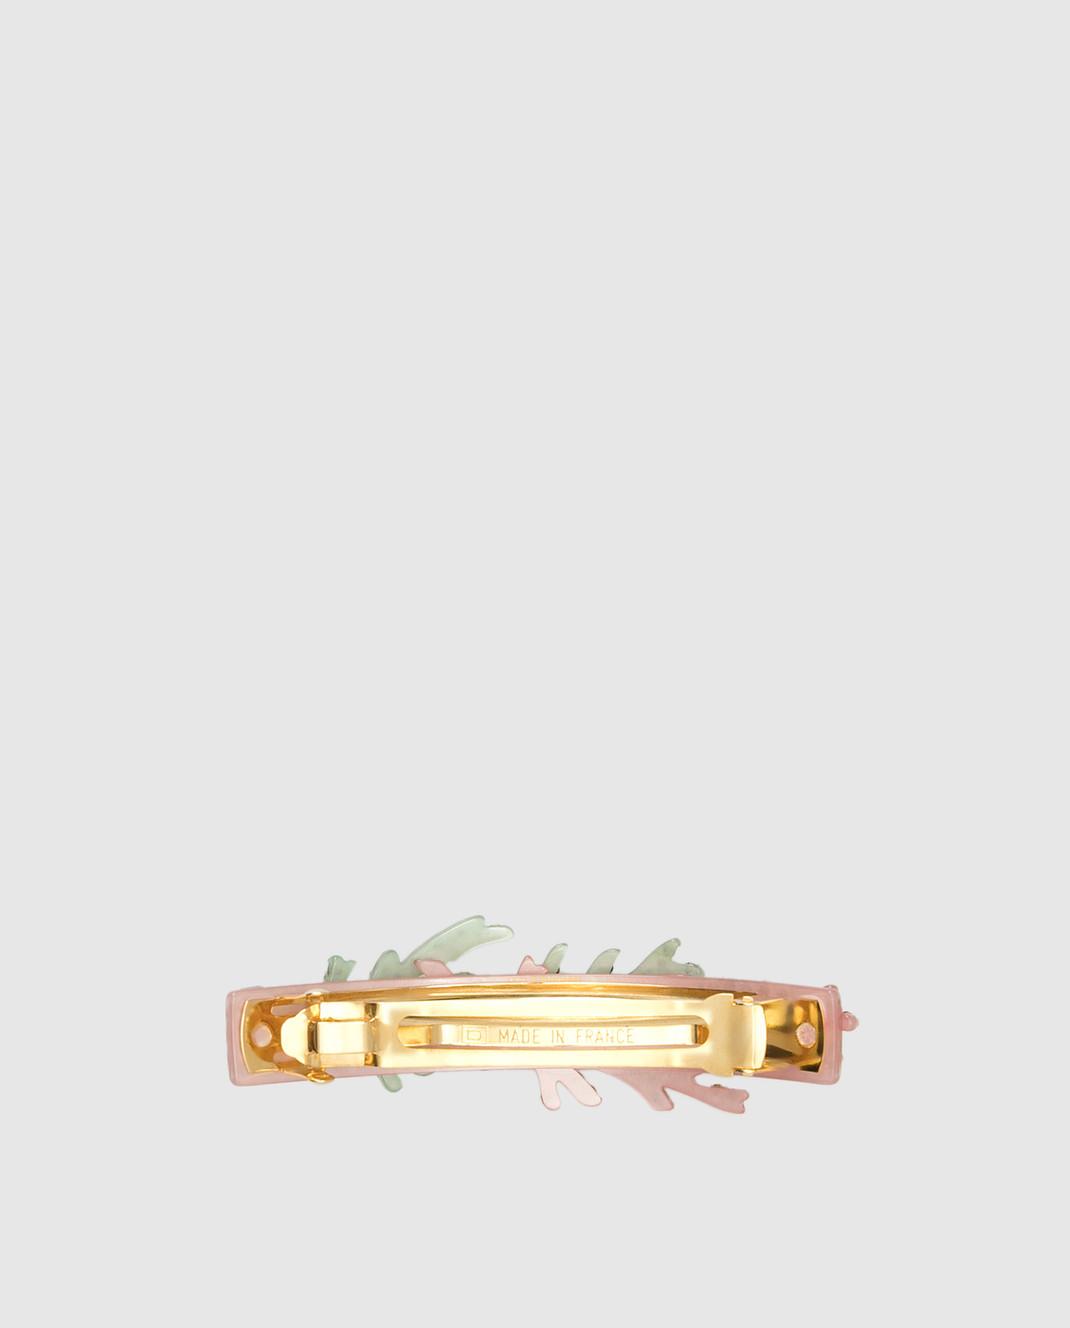 Davidian Розовая заколка с кристаллами Swarovski изображение 2